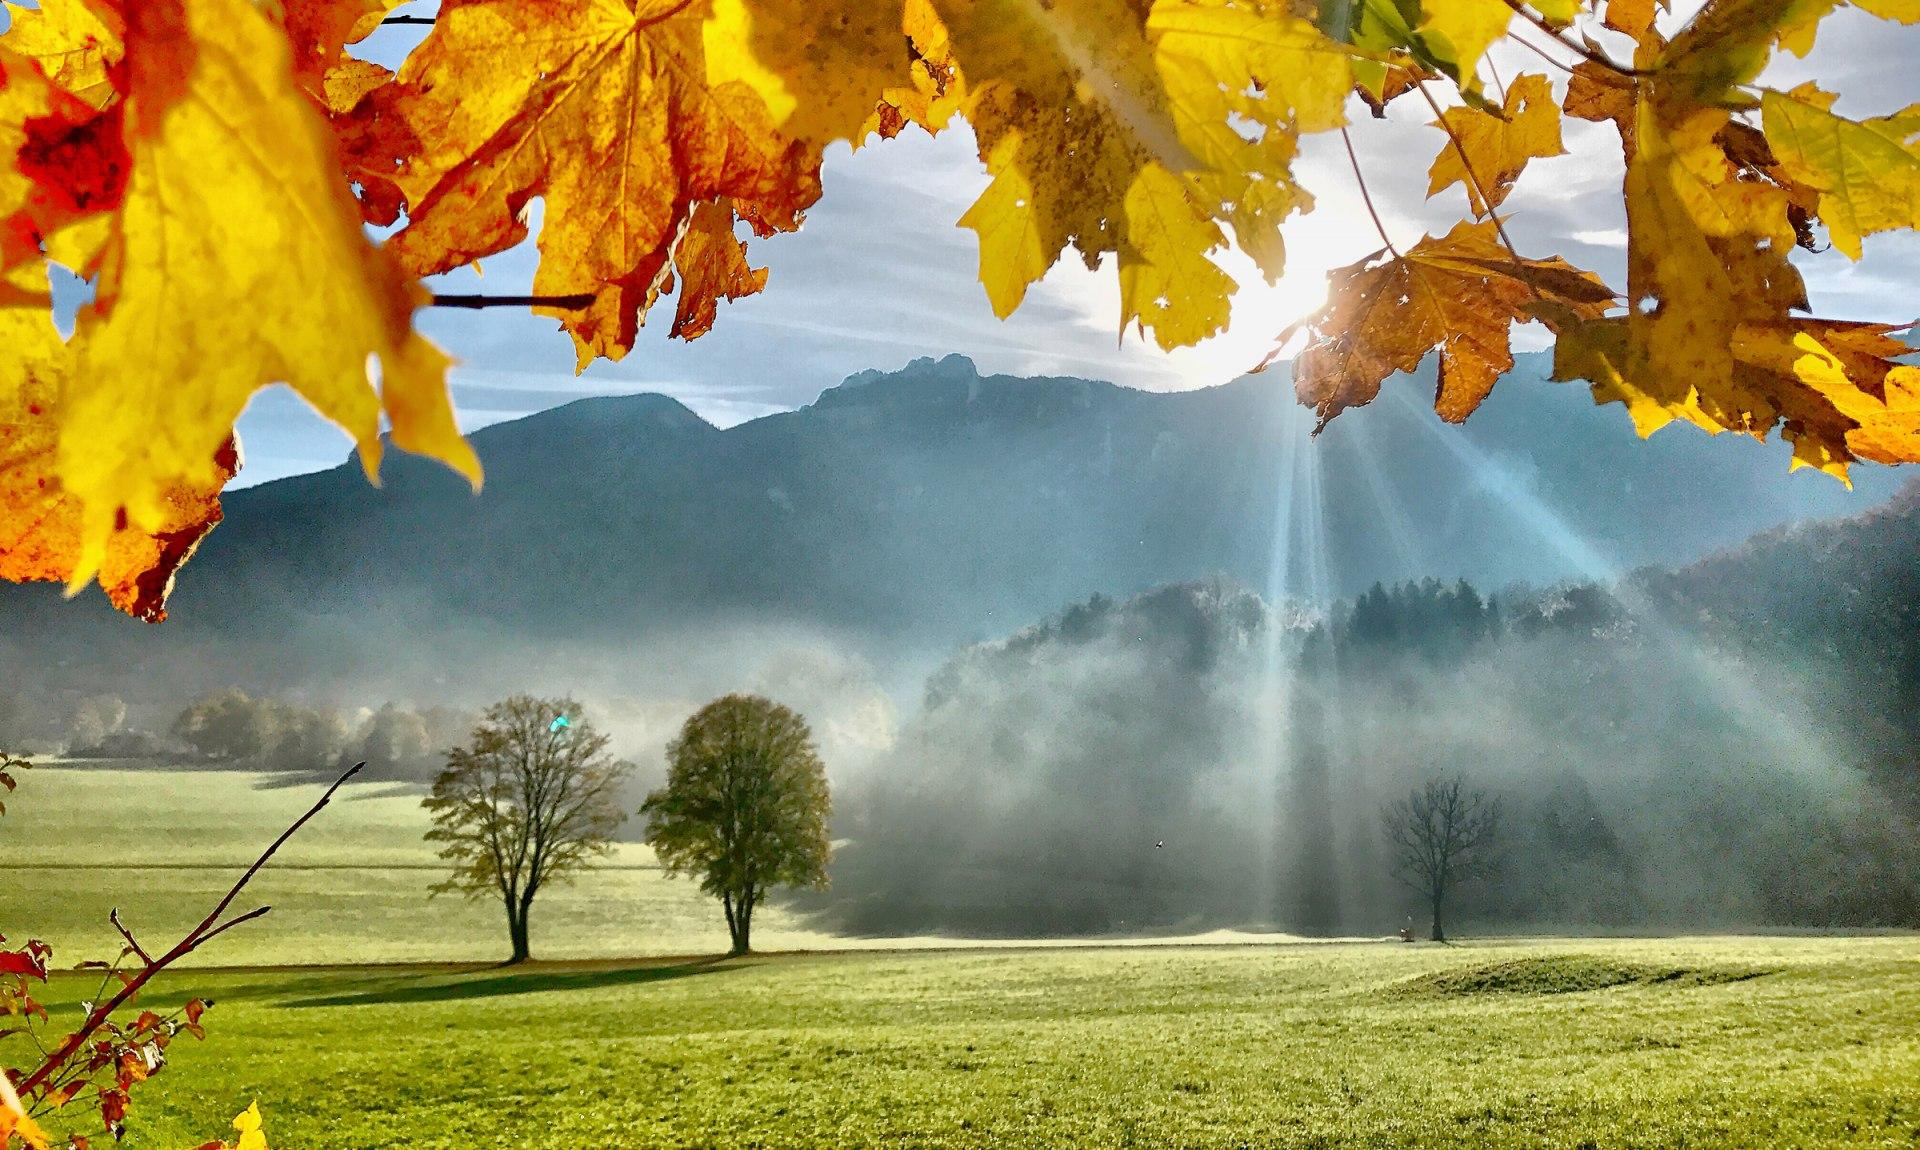 Wetterstimmung in Aschau im Chiemgau, © Herbert Reiter